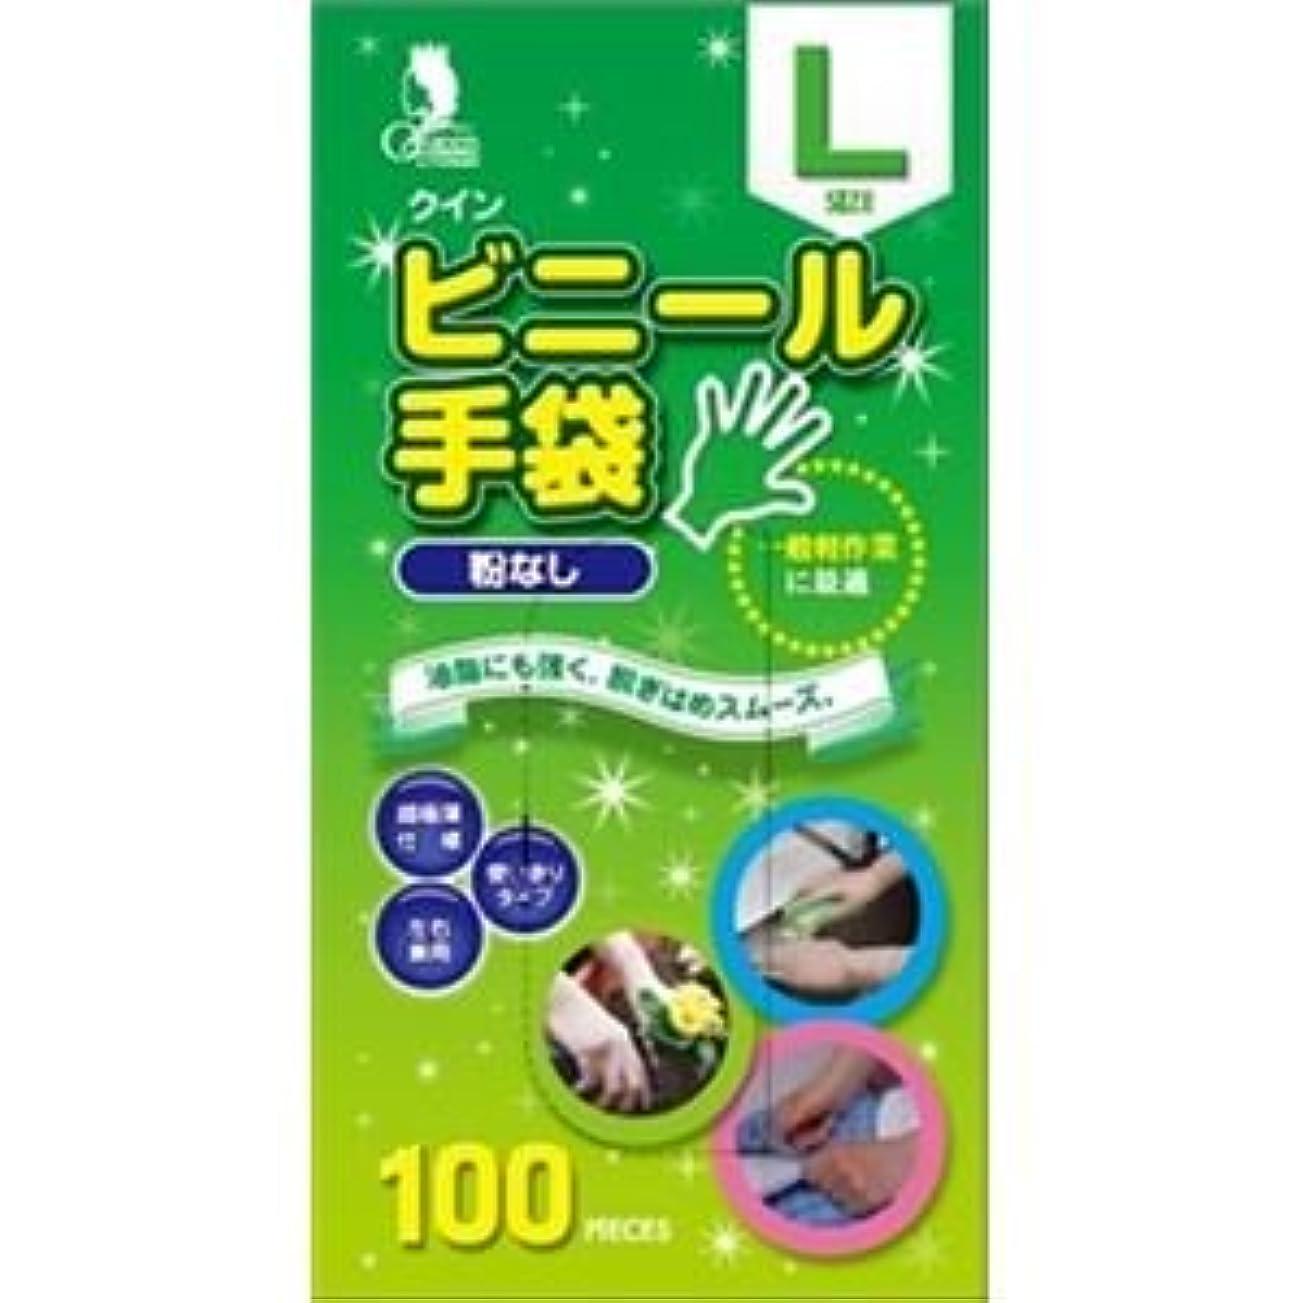 スパーク気楽な迫害する(まとめ)宇都宮製作 クインビニール手袋100枚入 L (N) 【×3点セット】